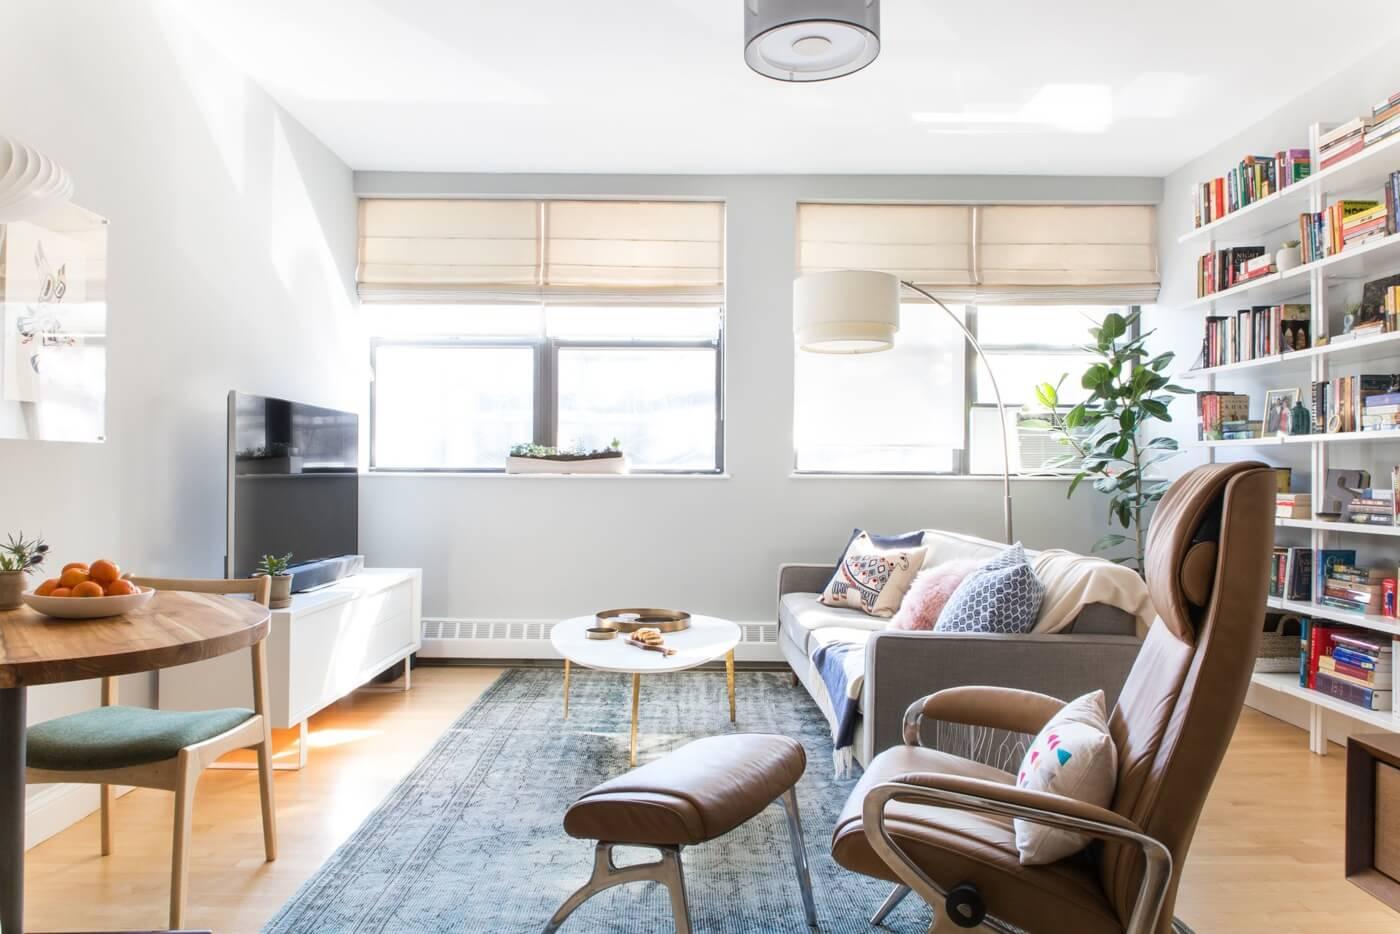 Interior Design Ideas Brooklyn A Condo For Young Couple